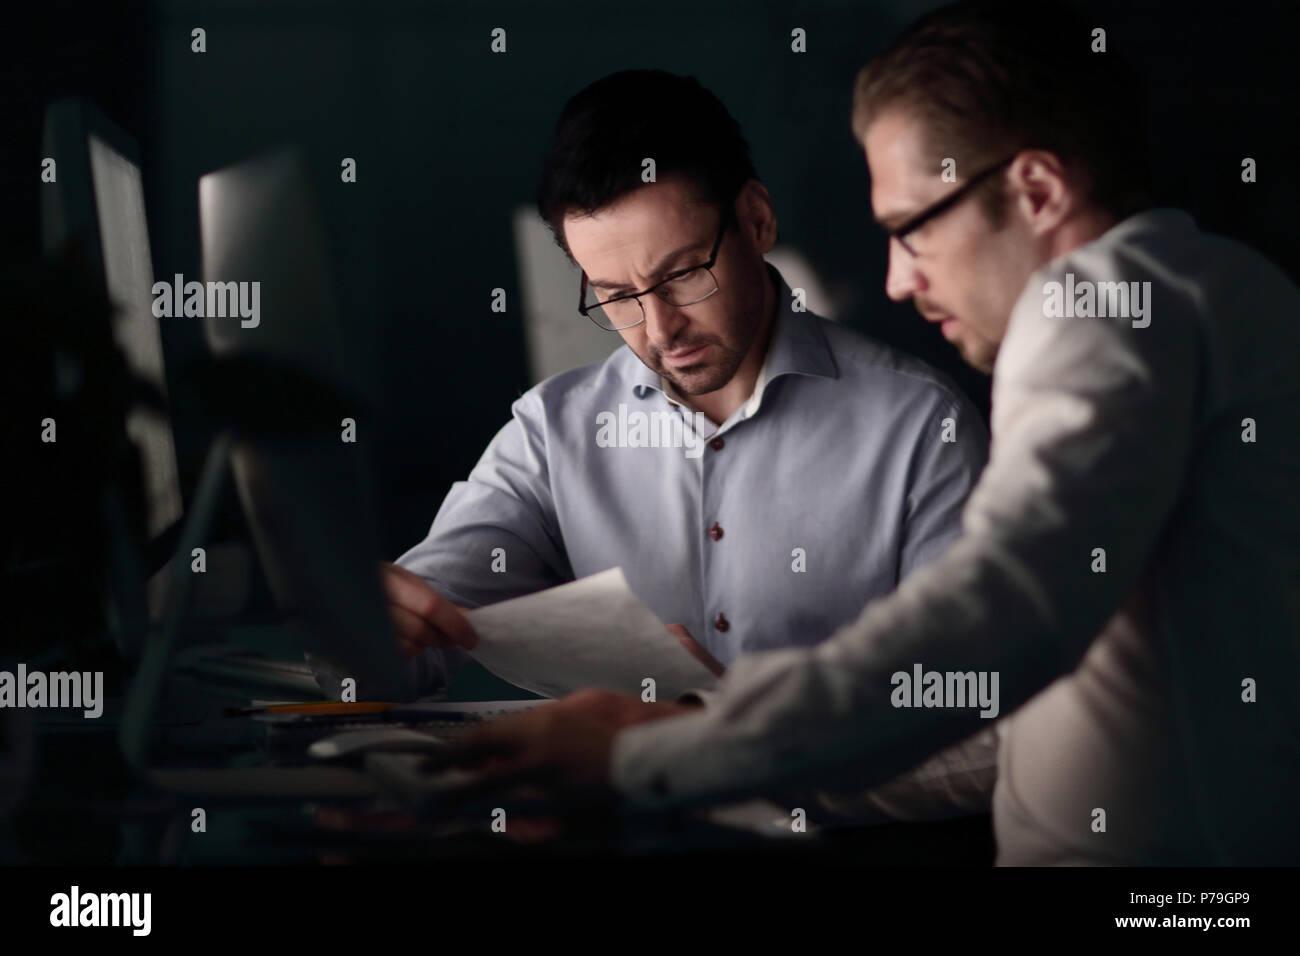 I dipendenti sul posto di lavoro le ore di lavoro straordinario. Immagini Stock